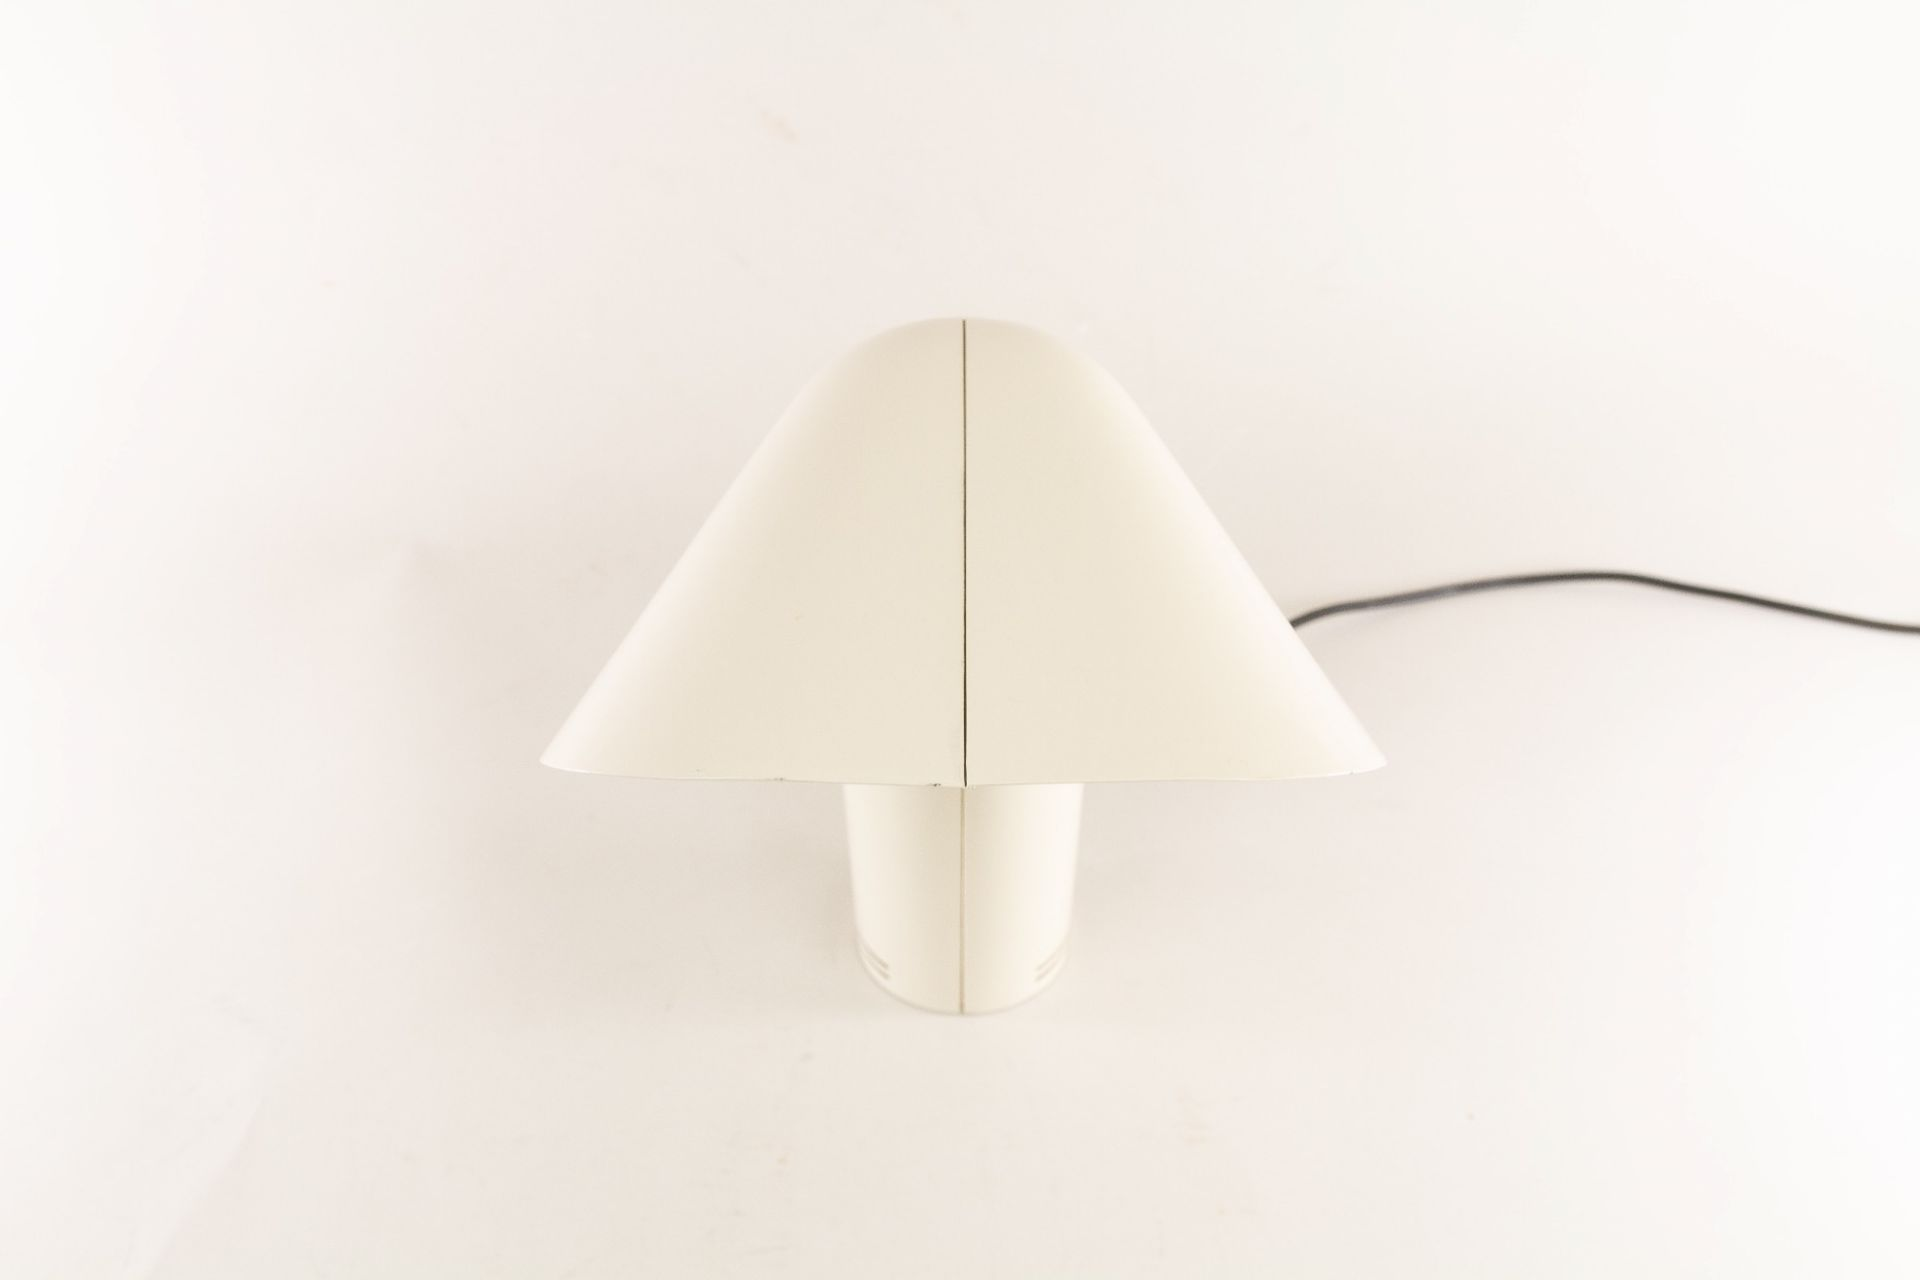 Sorella table lamp by Studio 6G for Harvey Guzzini, 1972